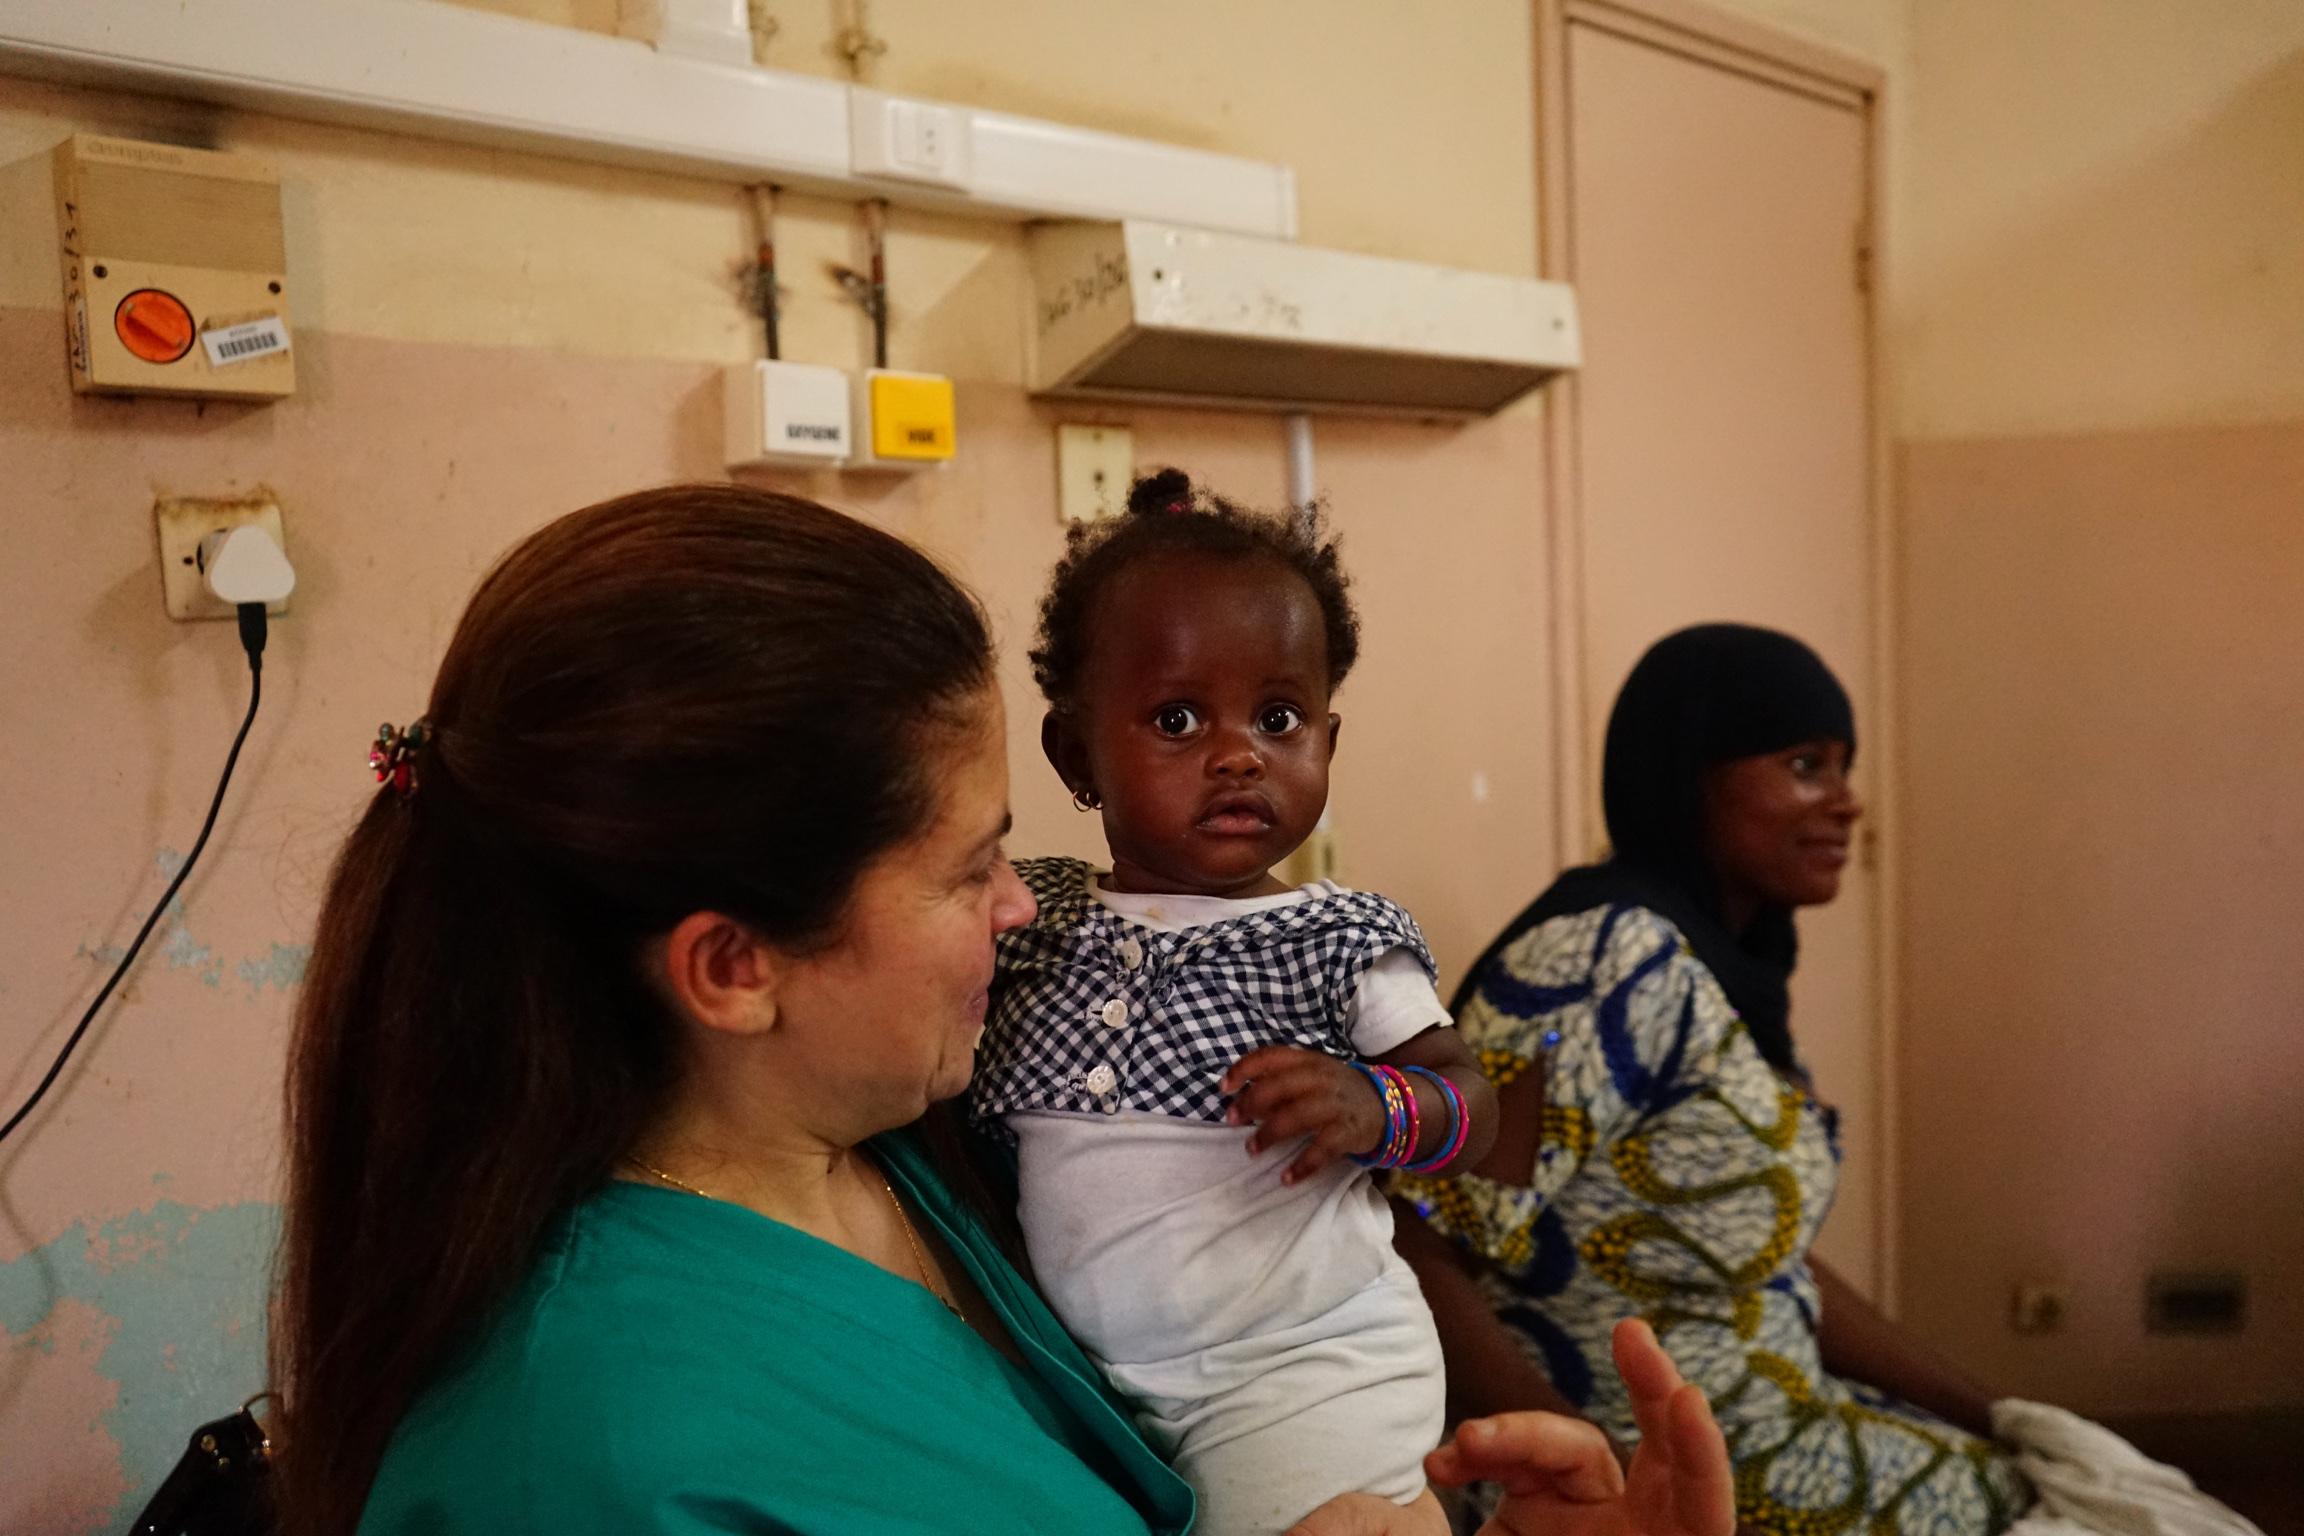 Paola, medico italiano, con in braccio una delle bambine operate da Emergenza Sorrisi.